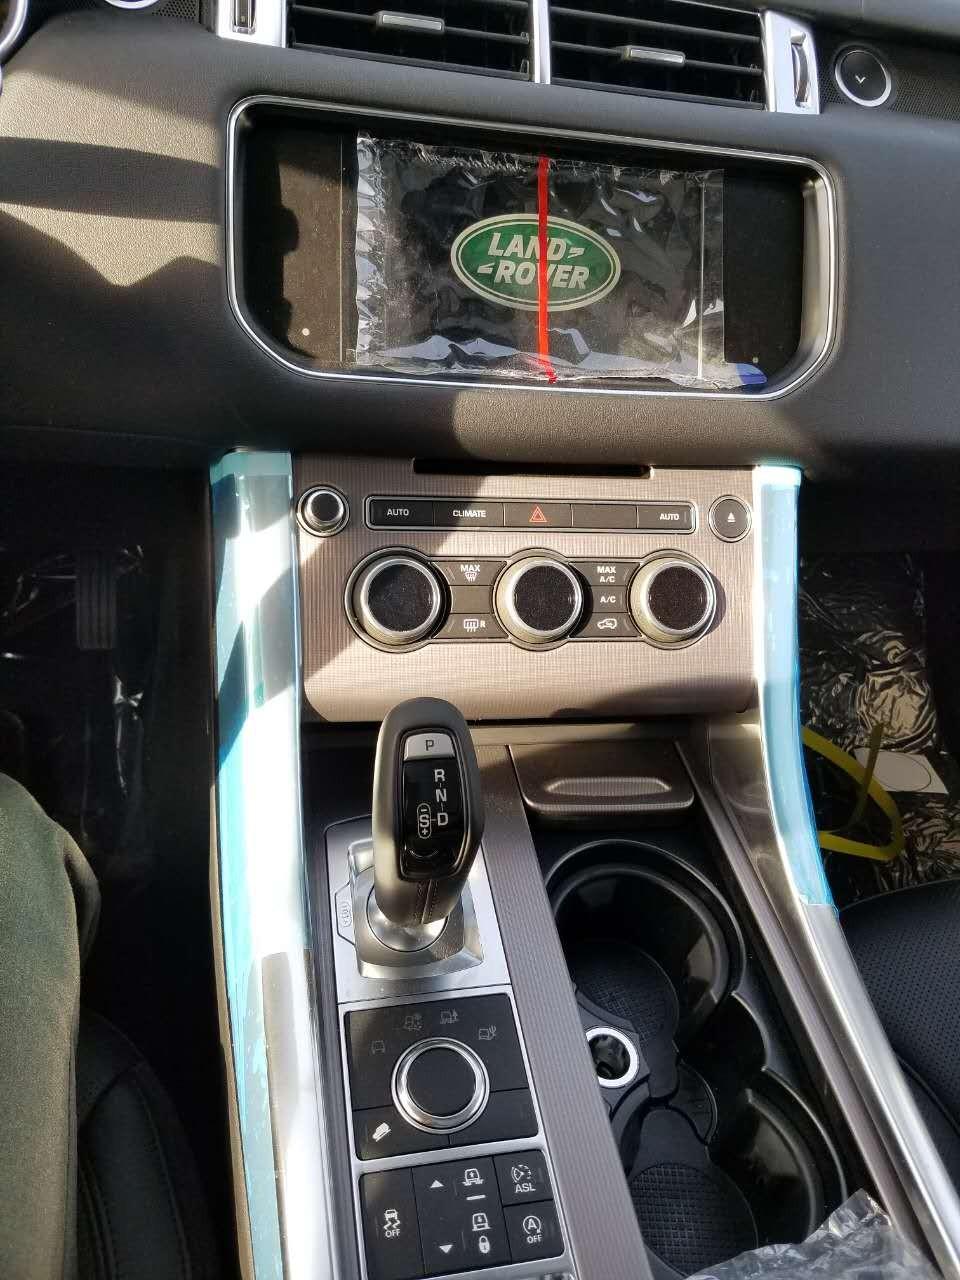 内饰方面: 路虎揽胜运动柴油版中控台分工明确,也没有过多的按键,熟悉后便很好上手。首次配备 双画面技术的7英寸触摸屏,可满足前排乘客不同的观影需求,同时还能实现DVD影视与导航系统同步 显示。路虎揽胜运动新设计的方向盘比老款的方向盘要简洁不少,真皮和实木的融合大幅度提高了豪华程度。实用性很强,电动调节、方向盘加热、蓝牙、音响控制和定速巡航集成的按钮操作起来也非常的方便,还加入了换挡拨片。强大的娱乐系统与宽敞的空间,完全满足乘坐者对舒适的需求。   贵宾热线:15822113032 张经理 (同微信)